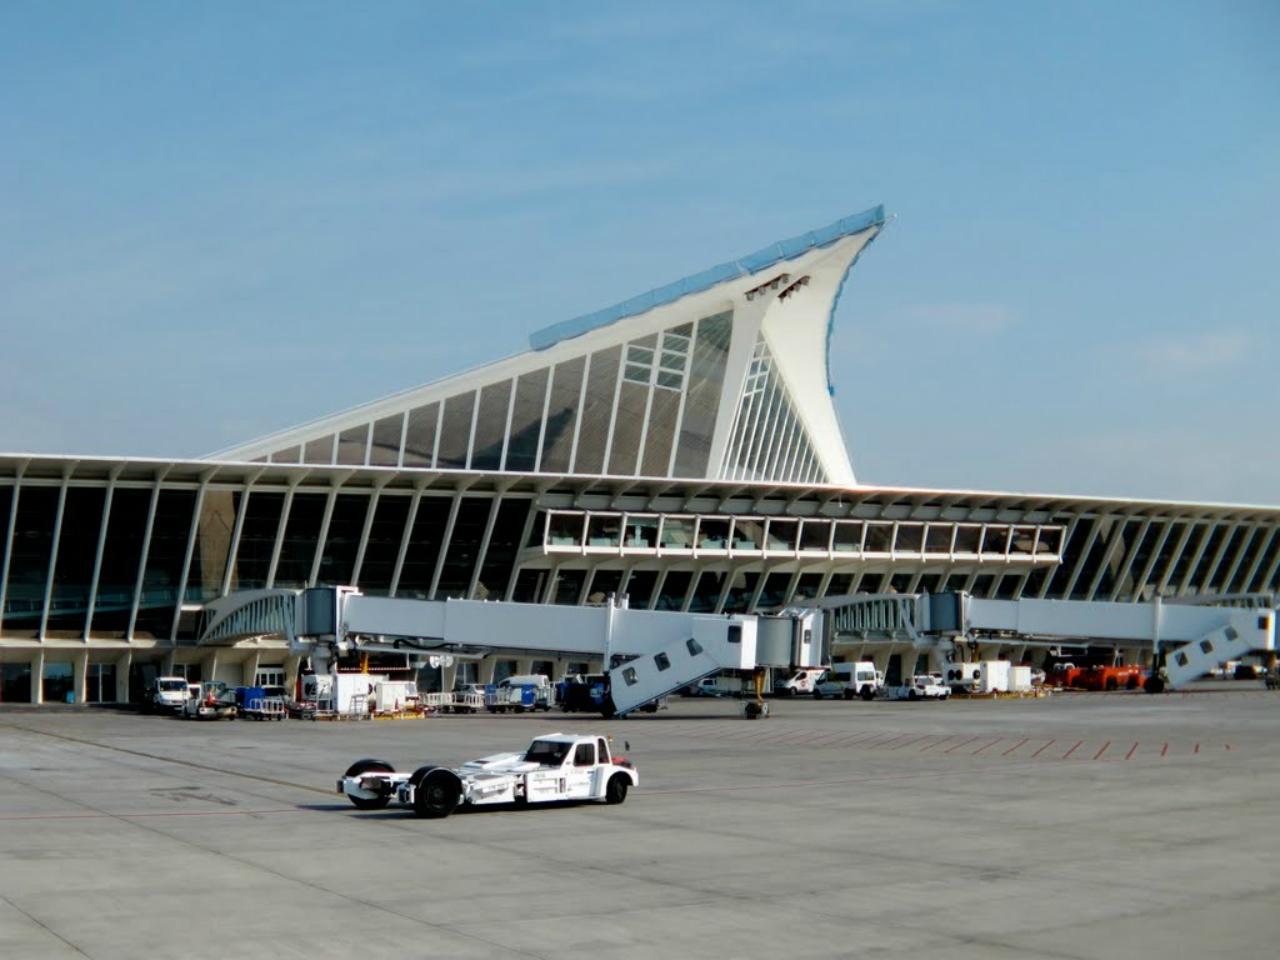 Nuevo curso auxiliar de vuelo TCP en Bilbao: ¡Últimas plazas para el curso 2018/19!